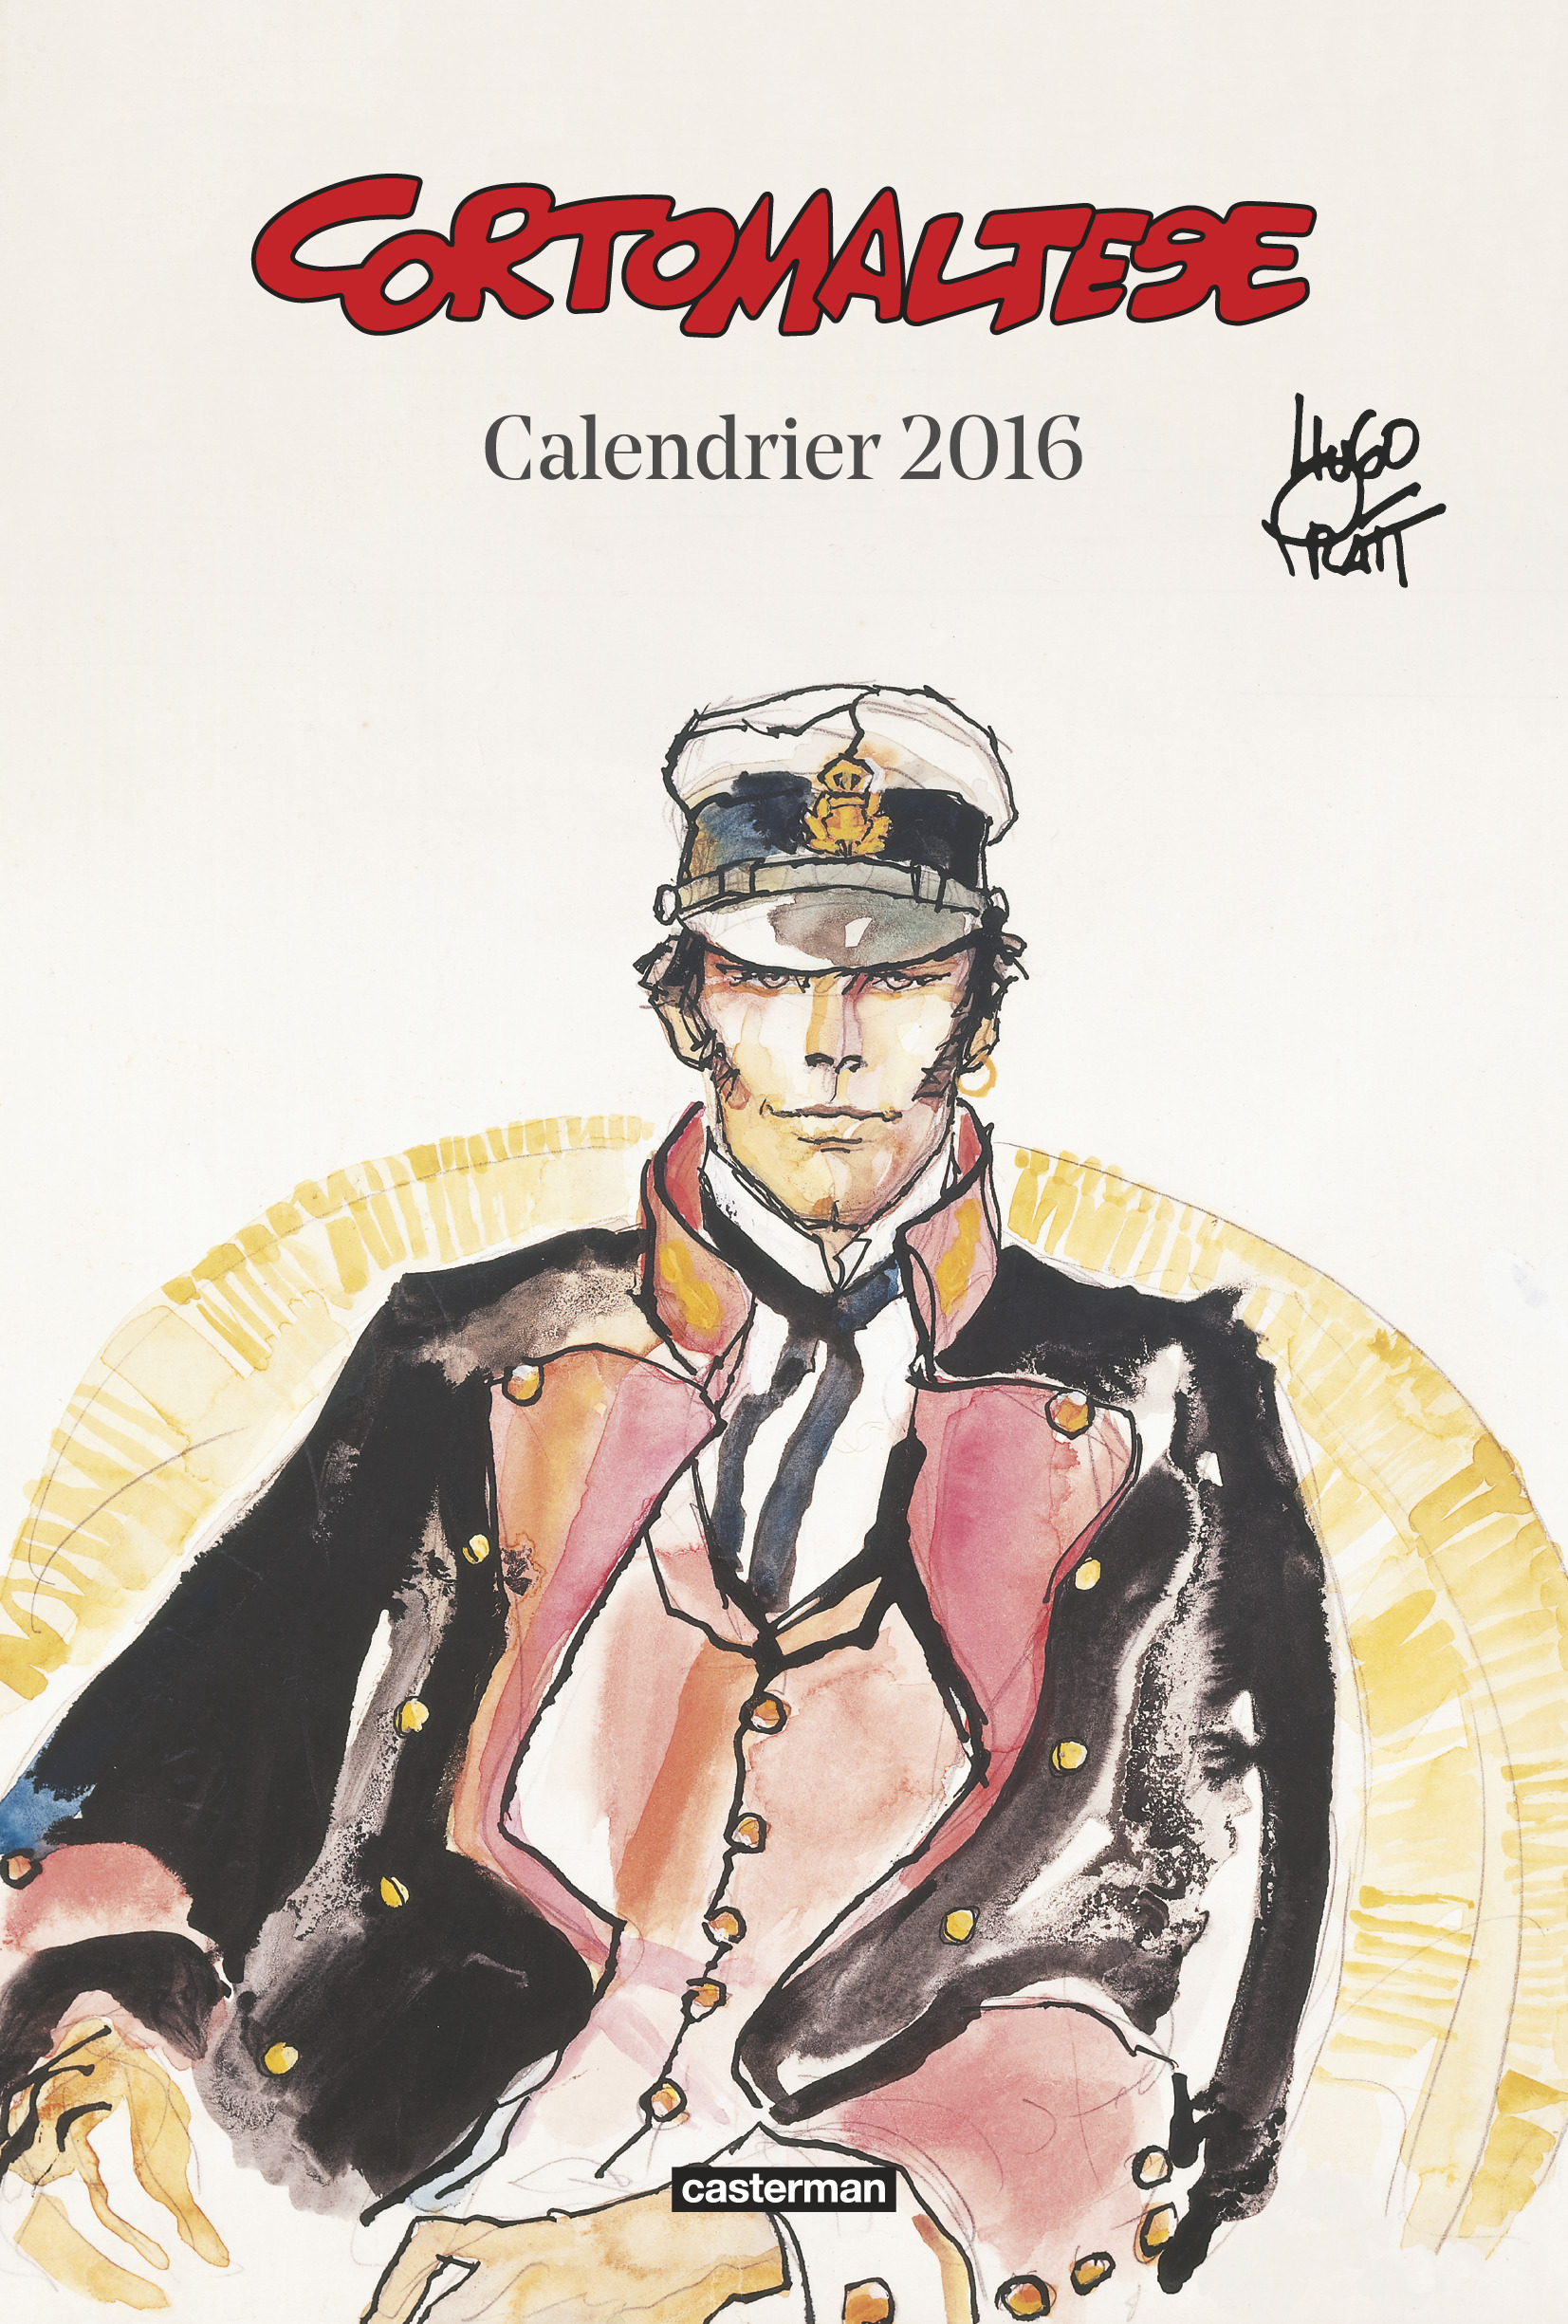 CALENDRIER CORTO MALTESE 2016